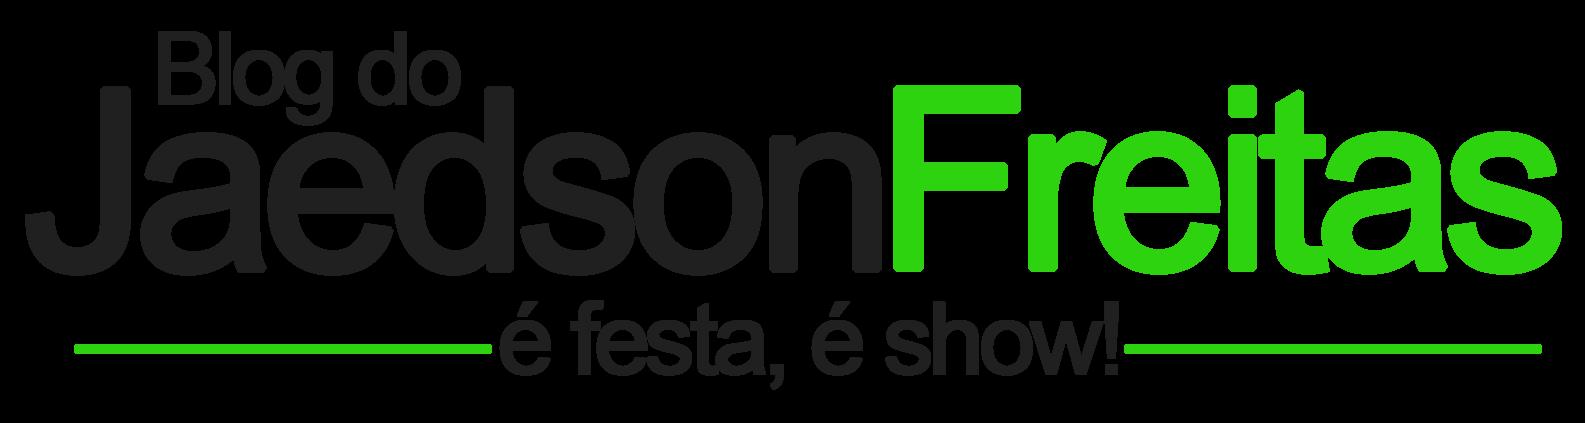 Jaedson Freitas - É festa, é show!